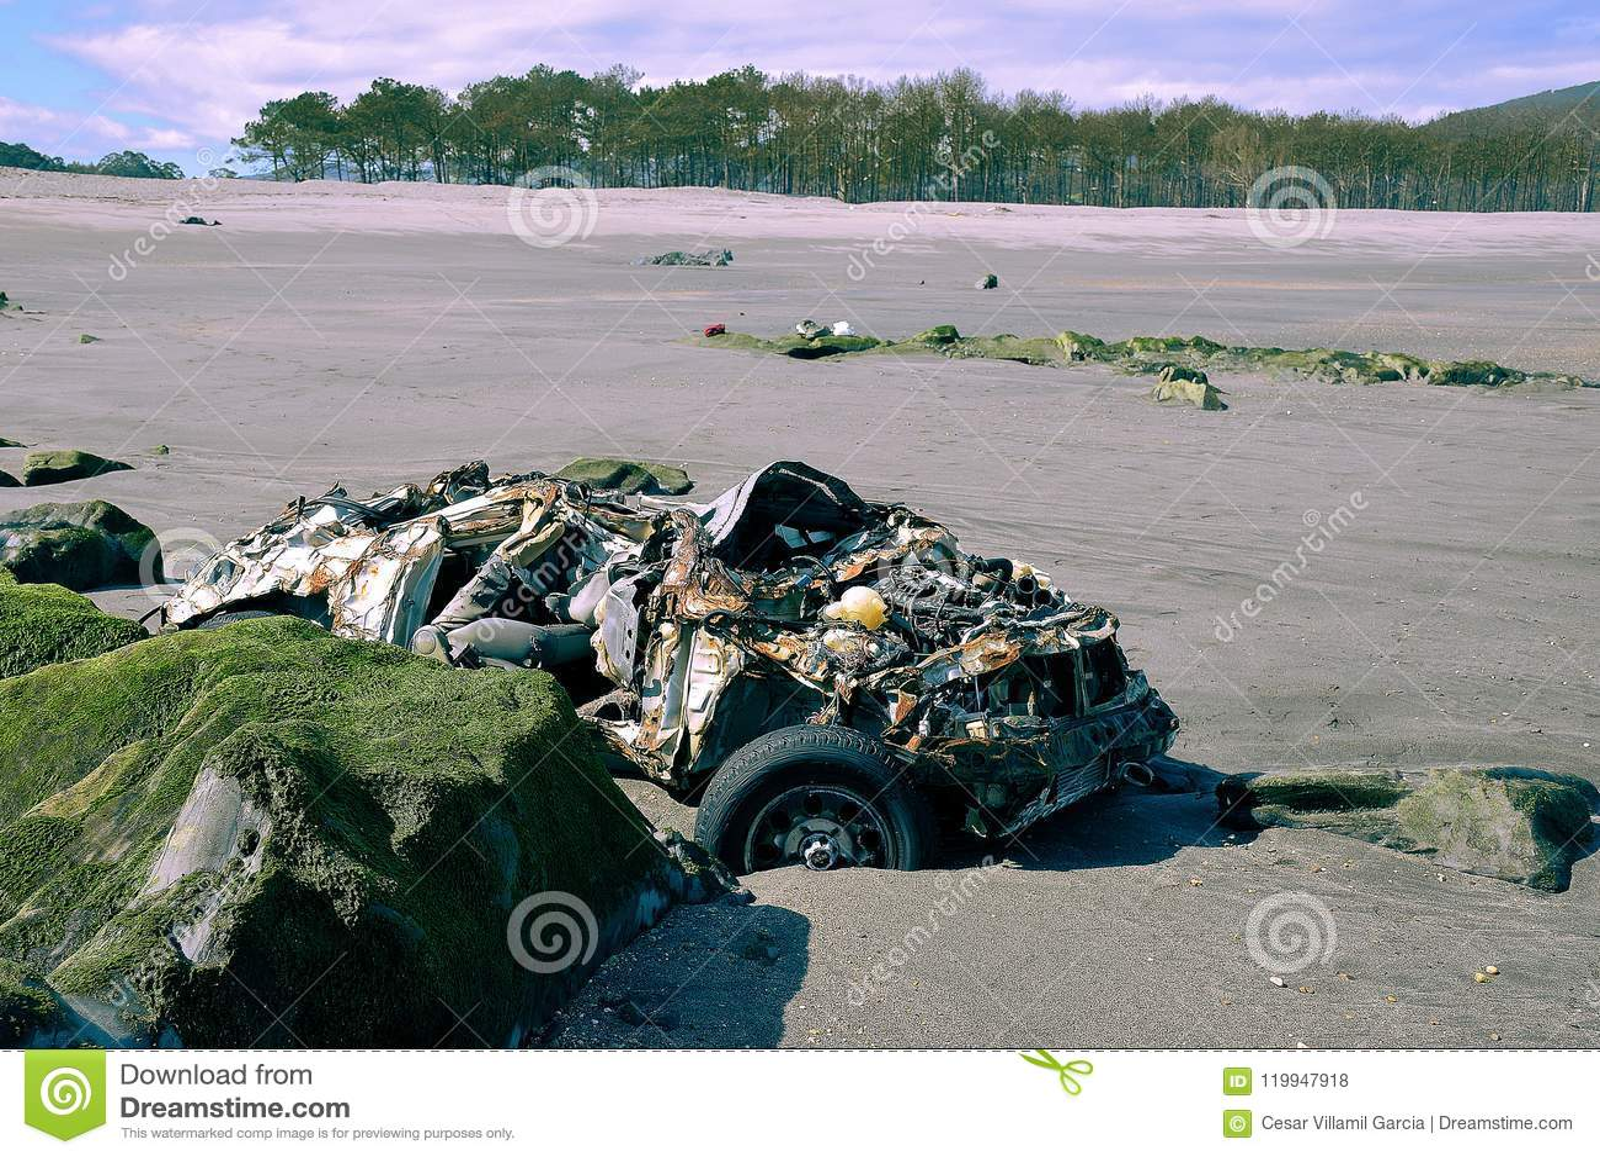 Car parked on the beach